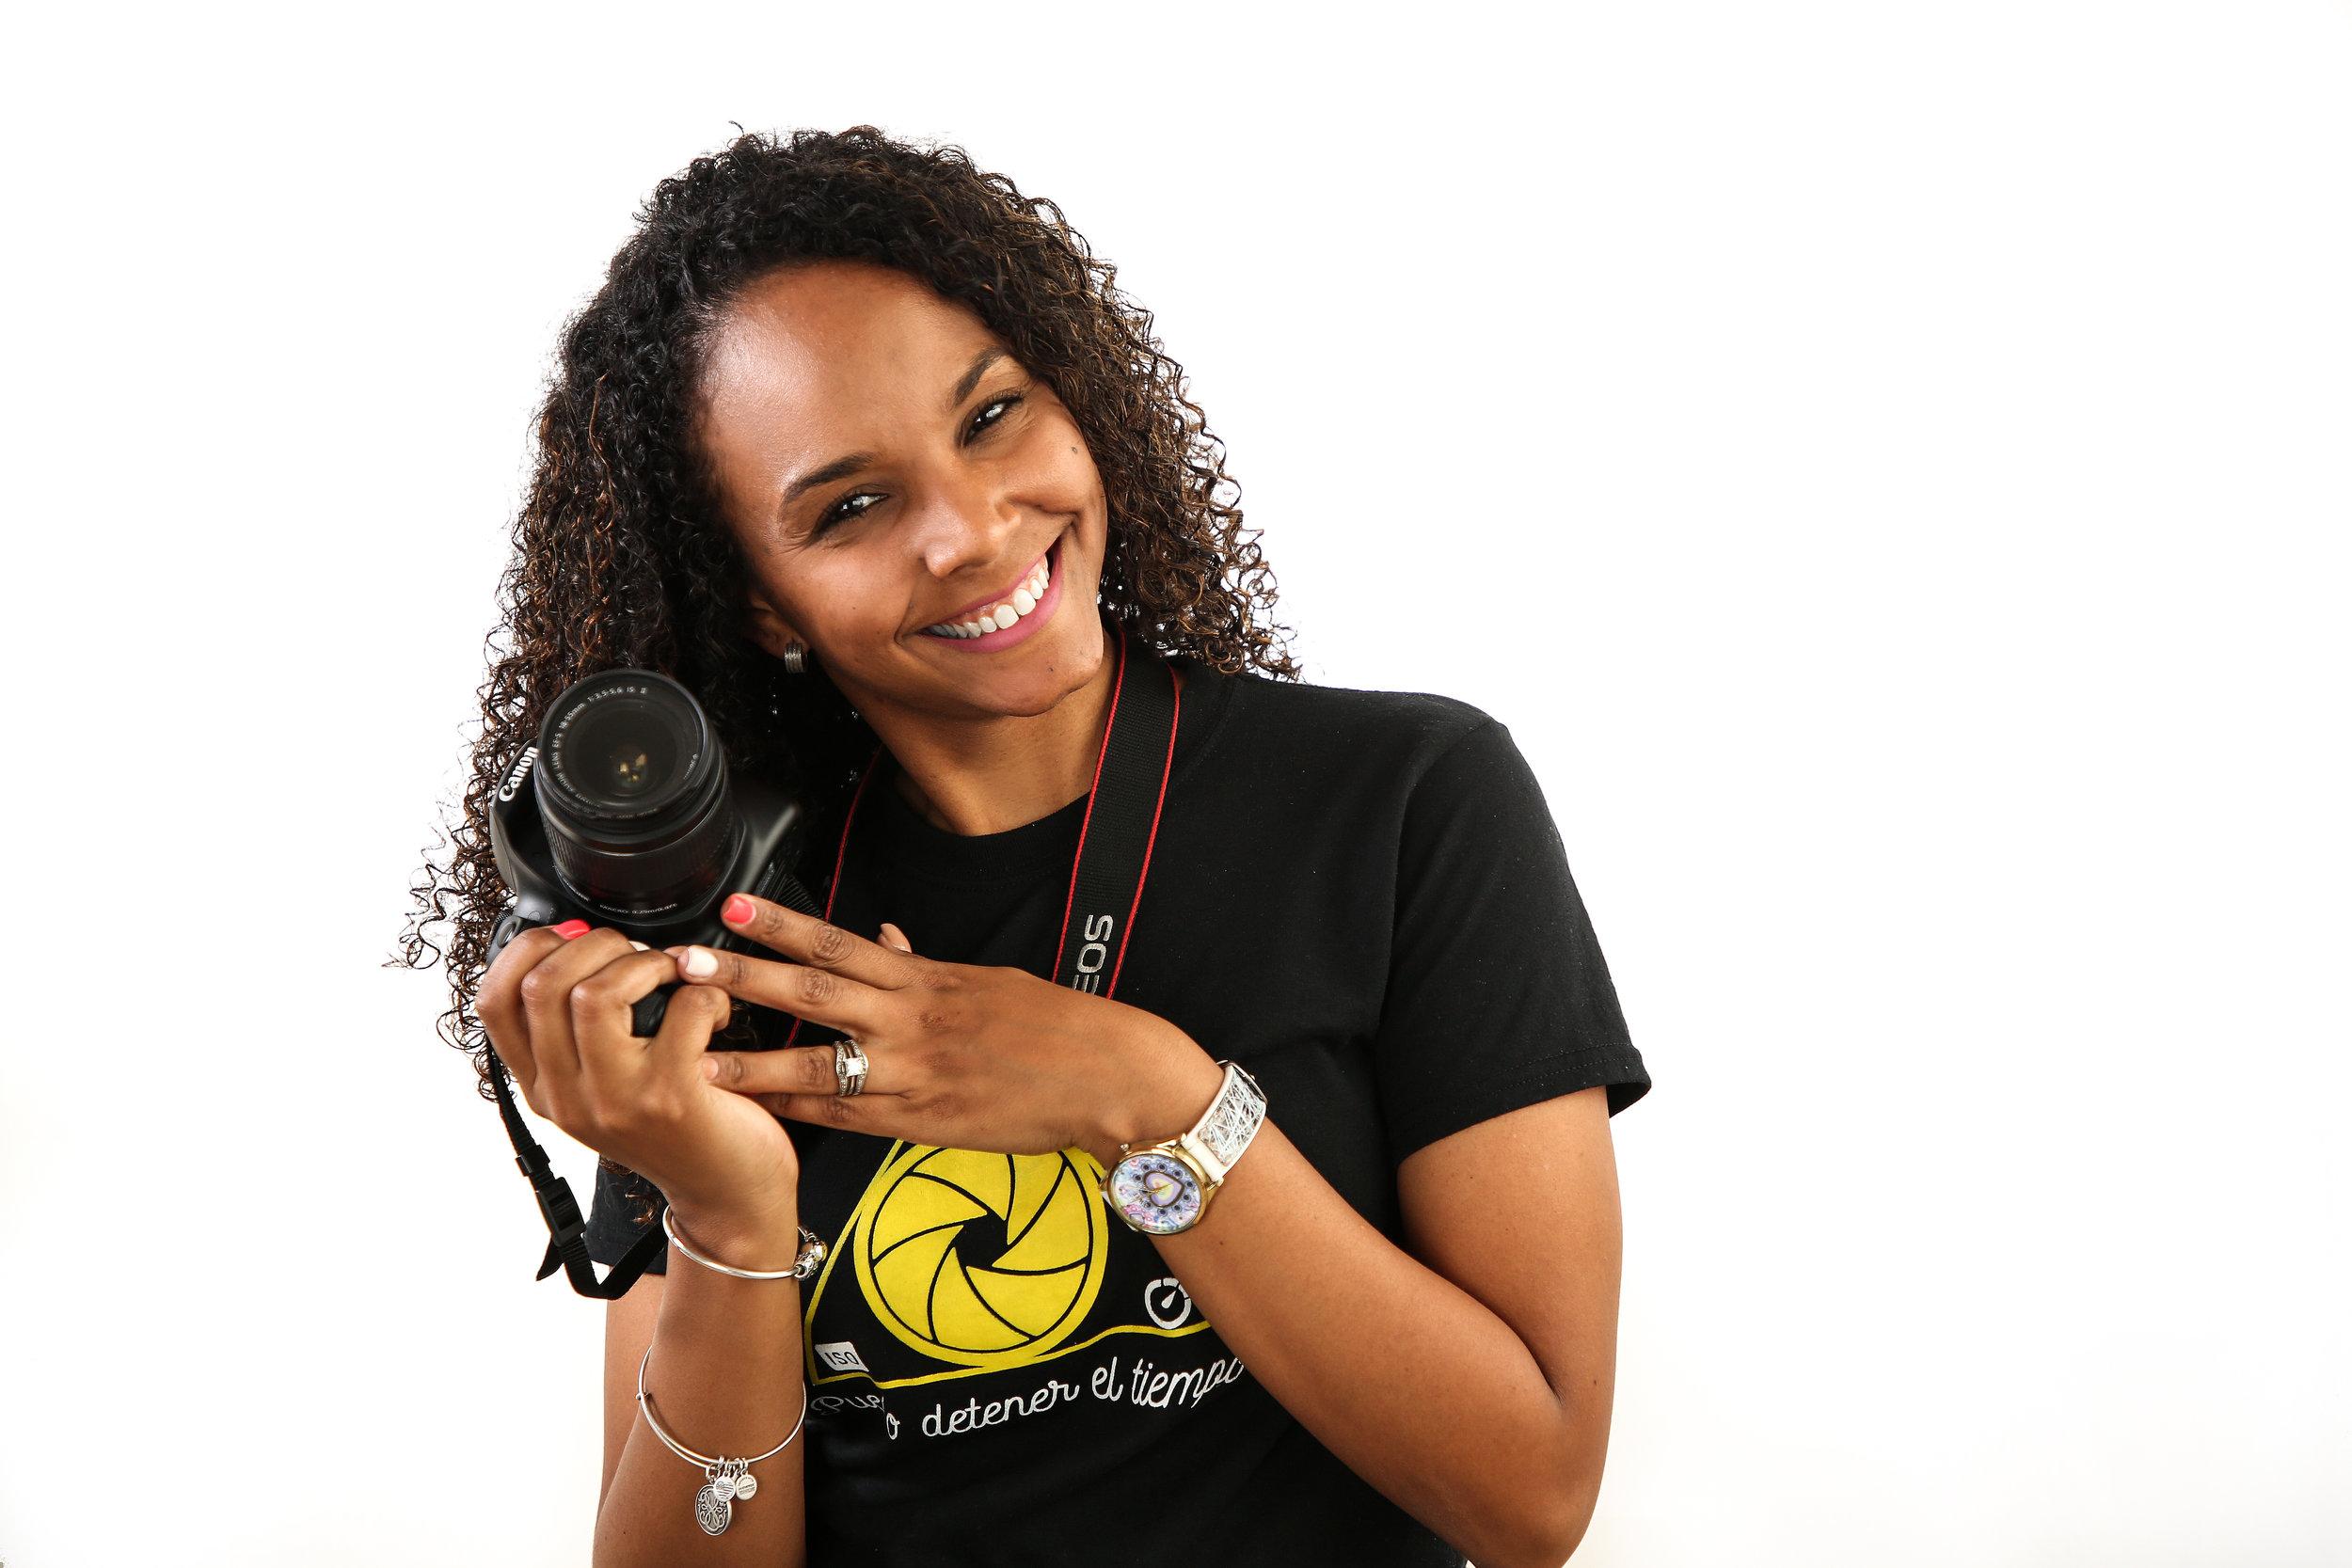 Taller: Como hacer de la Fotografía tu Negocio - Un taller hecho para todo el que desee pasar al mundo Profesional y hacer de la fotografía un negocio.